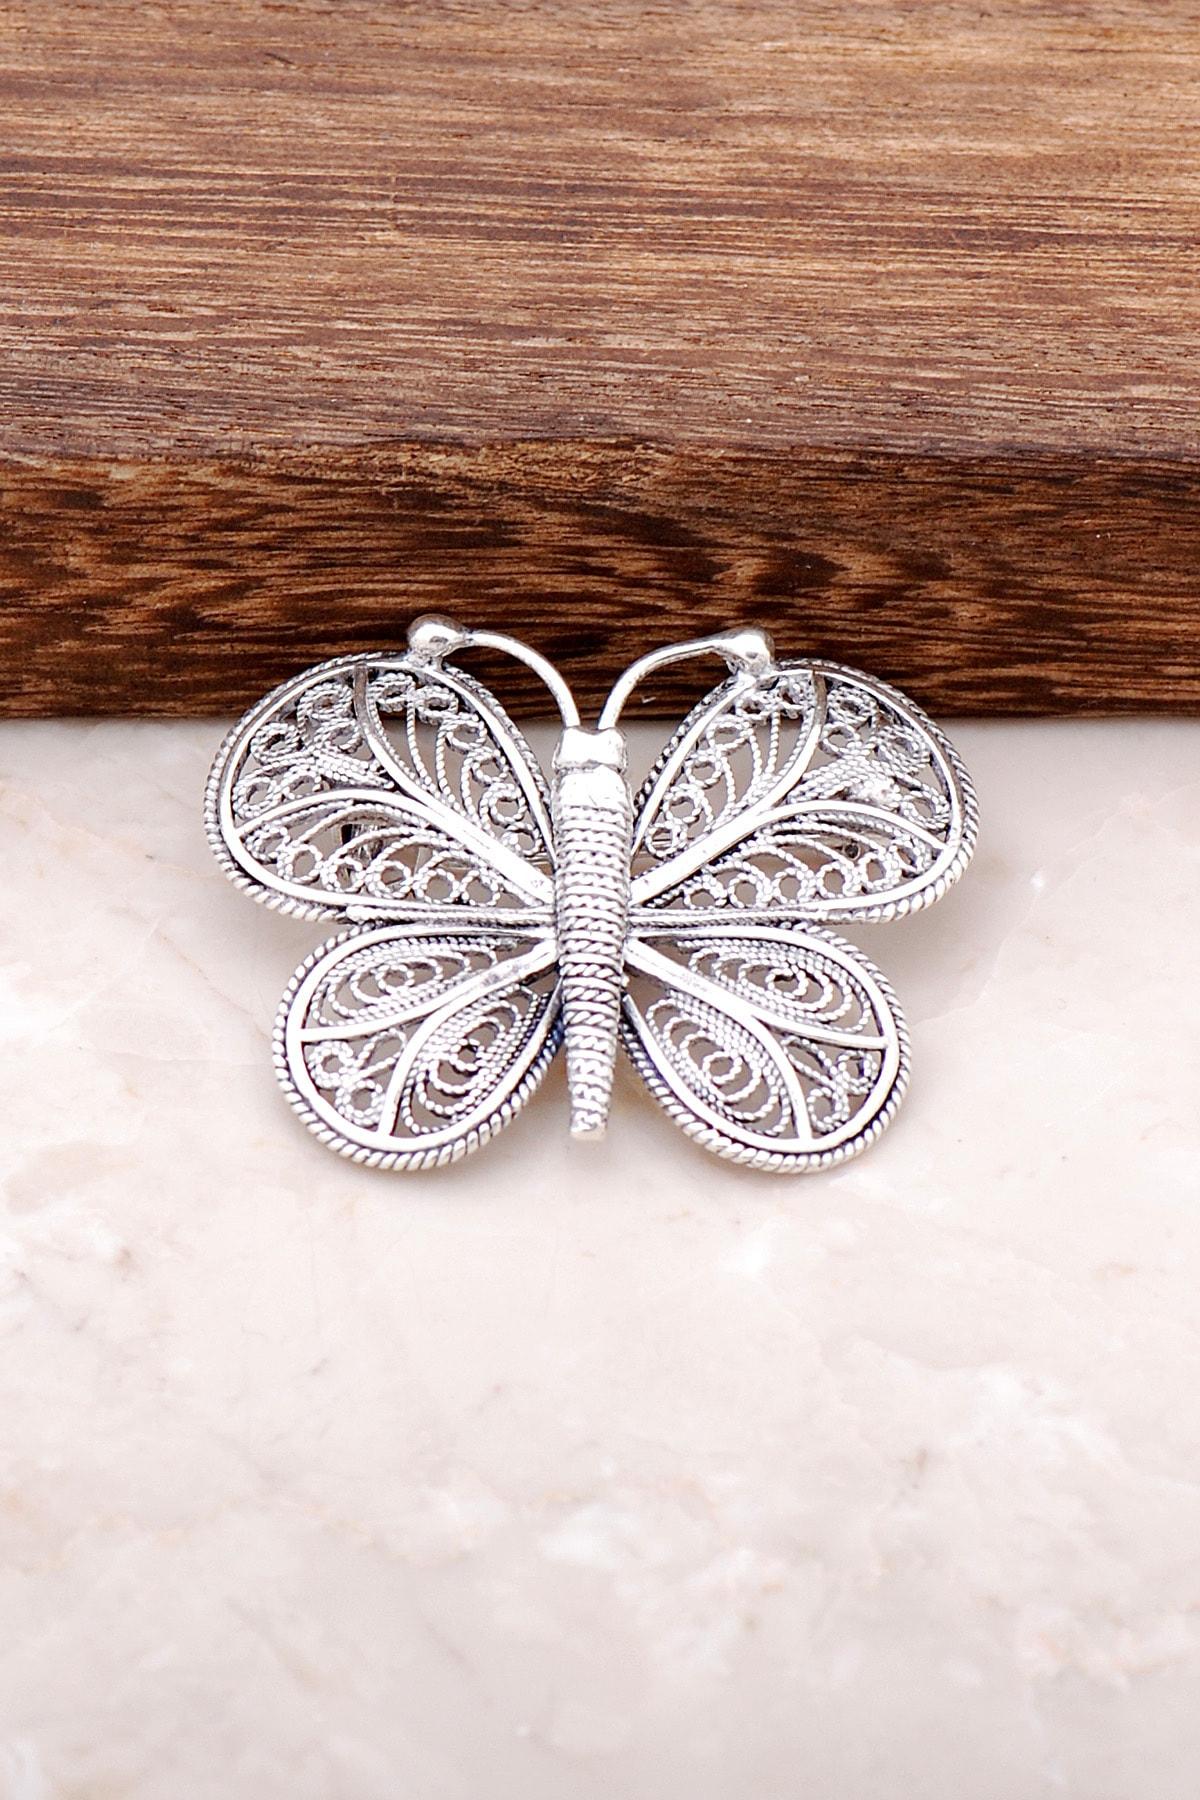 Sümer Telkari Telkari İşlemeli Kelebek Tasarım Gümüş Broş 288 1